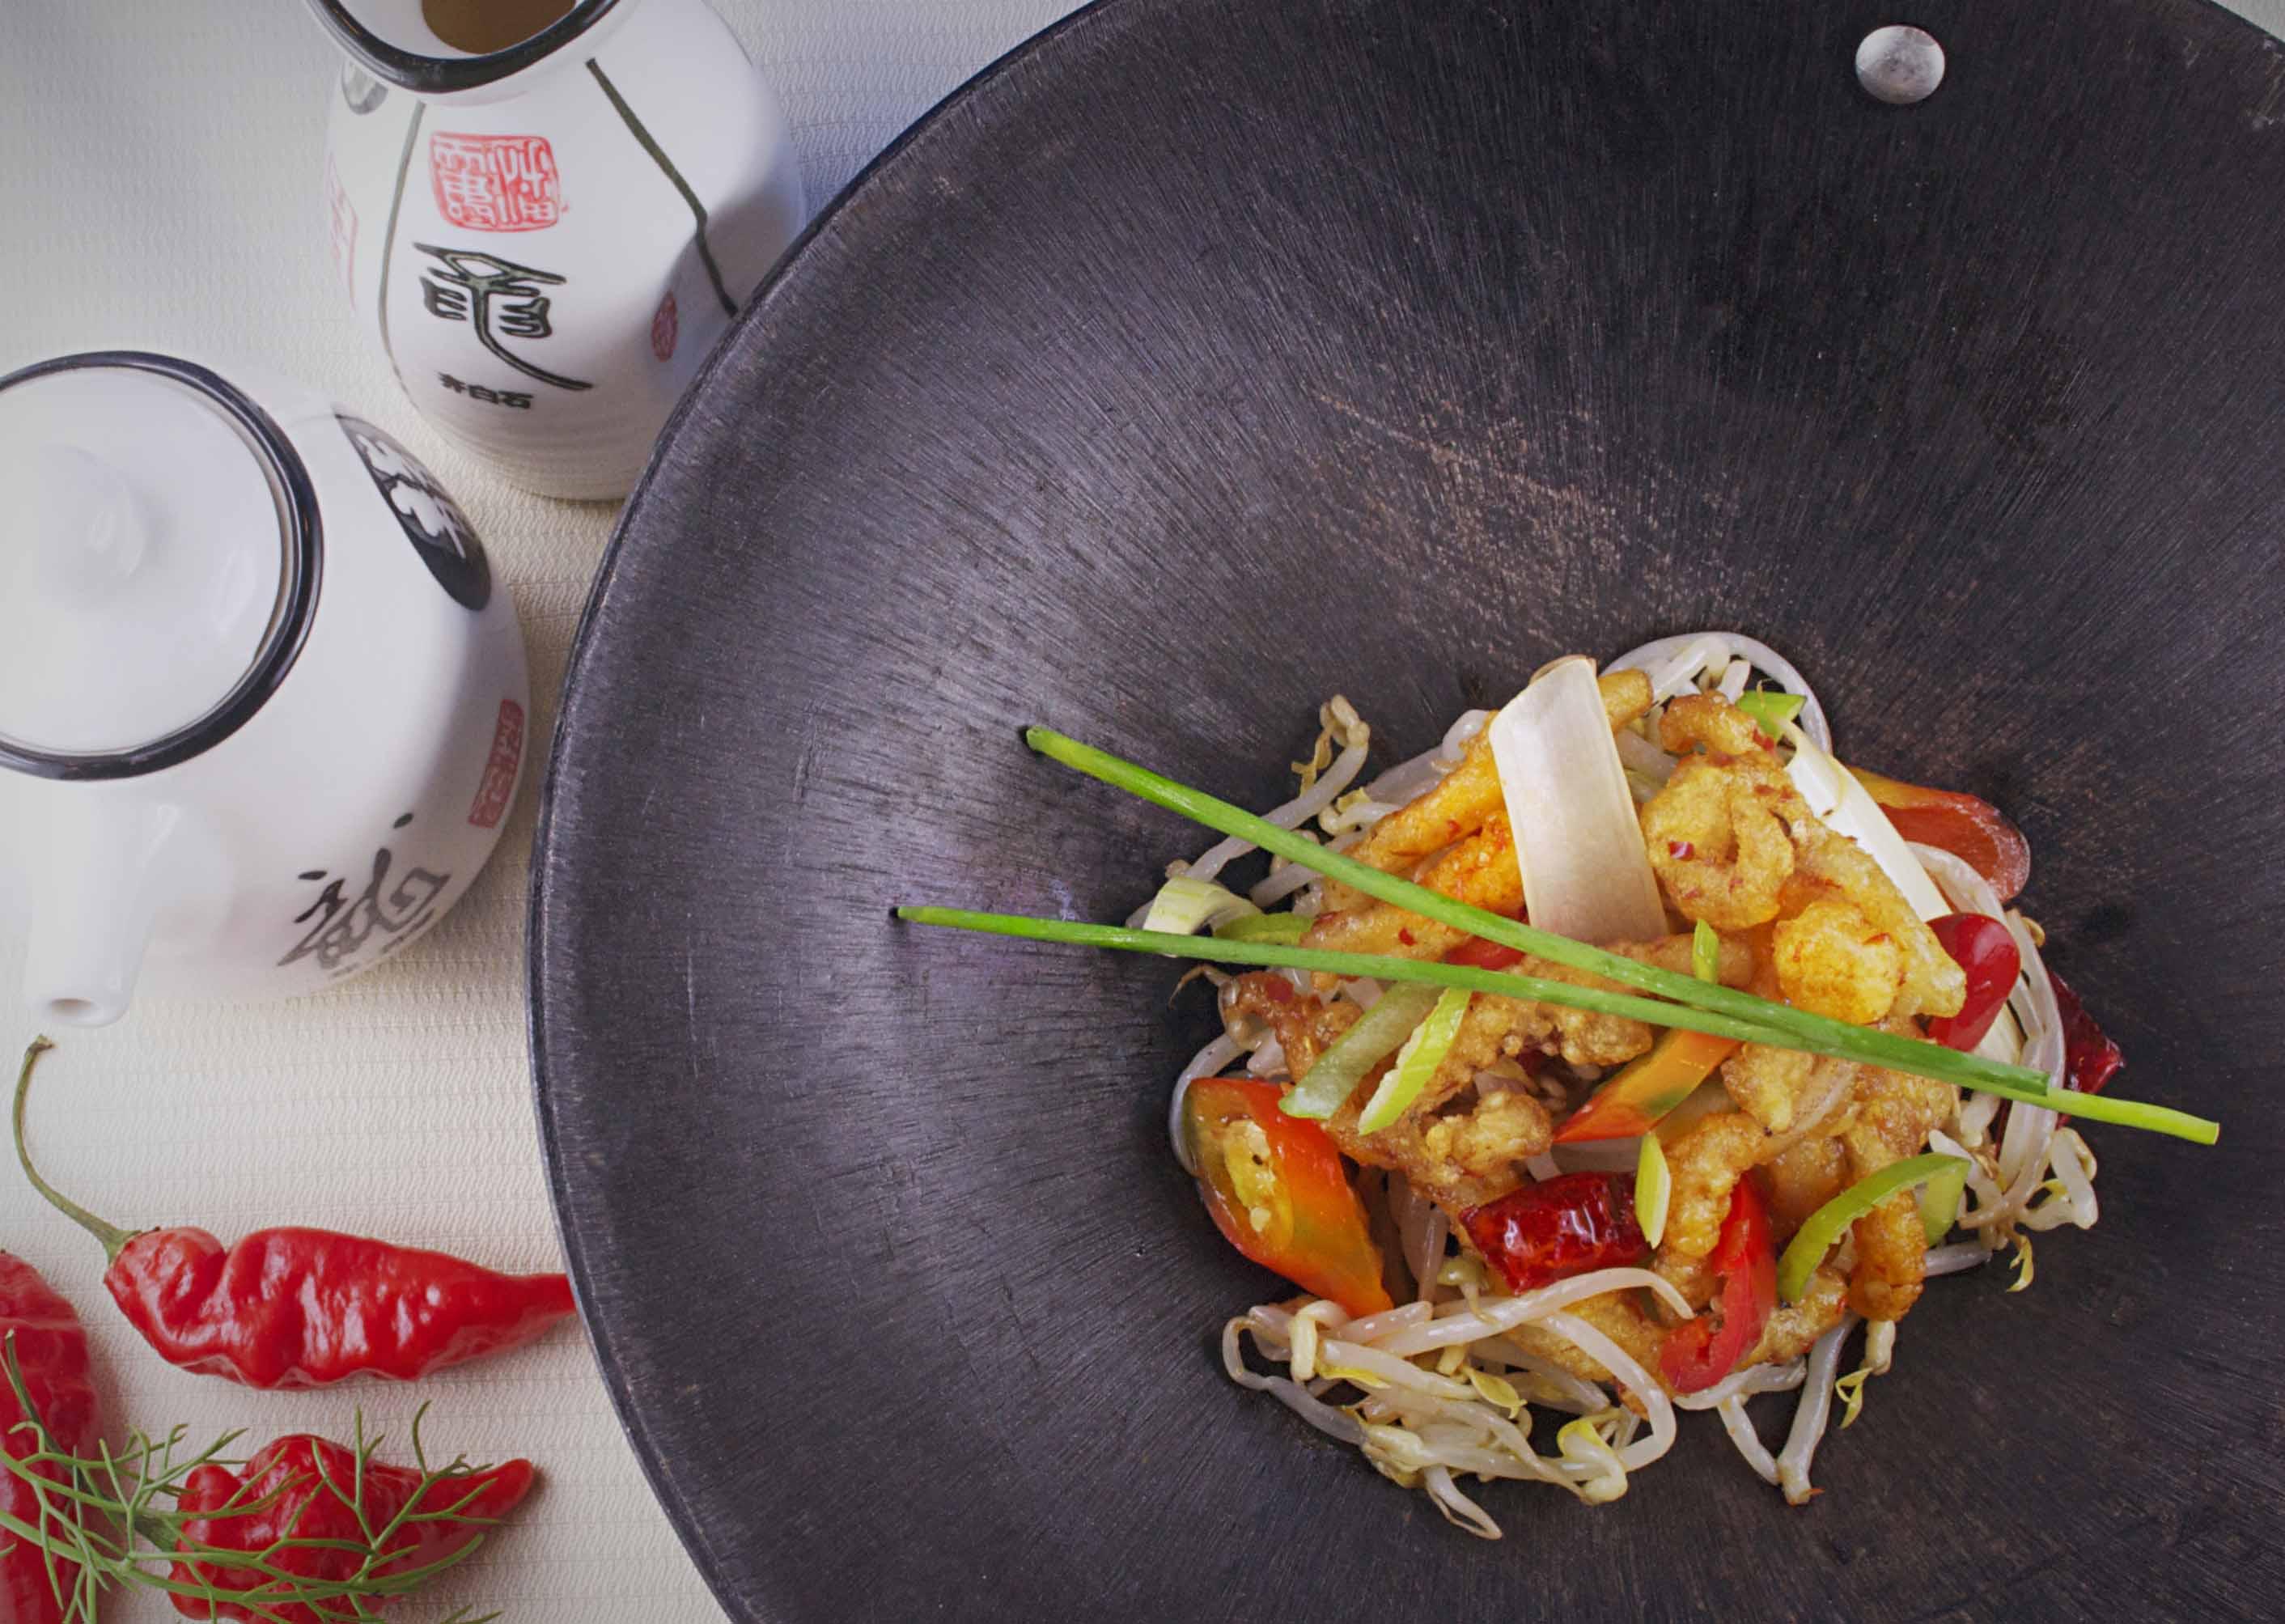 I migliori ristoranti cinesi di Torino: Wang Jiao